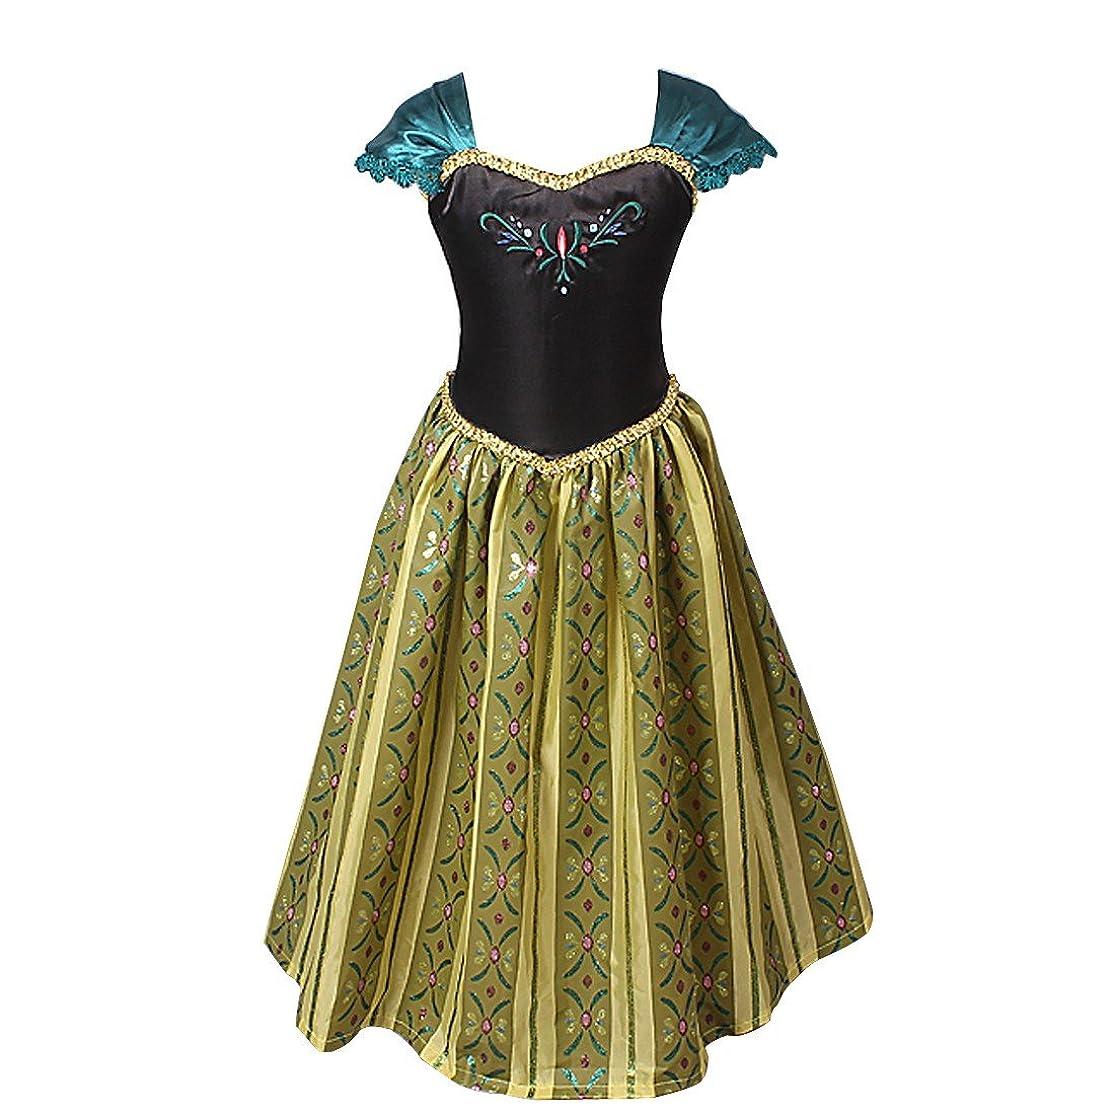 YiZYiF Kids Girls' Princess Cosplay Costume Birthday Party Fancy Dress Up dzhoousz2